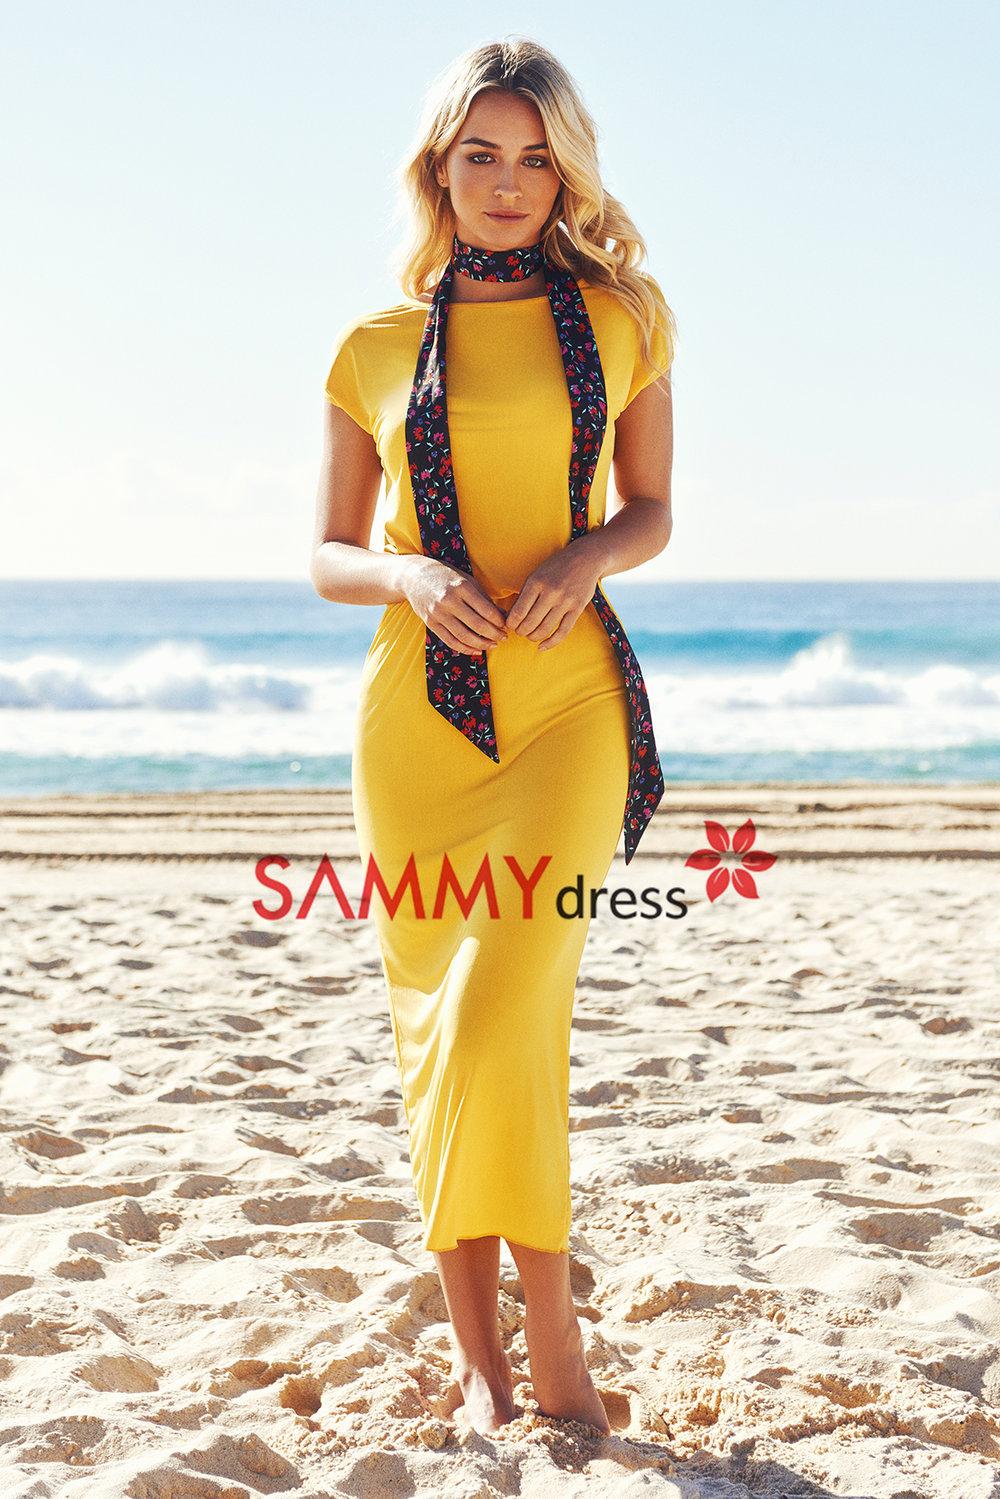 SammyDress Cover.jpg